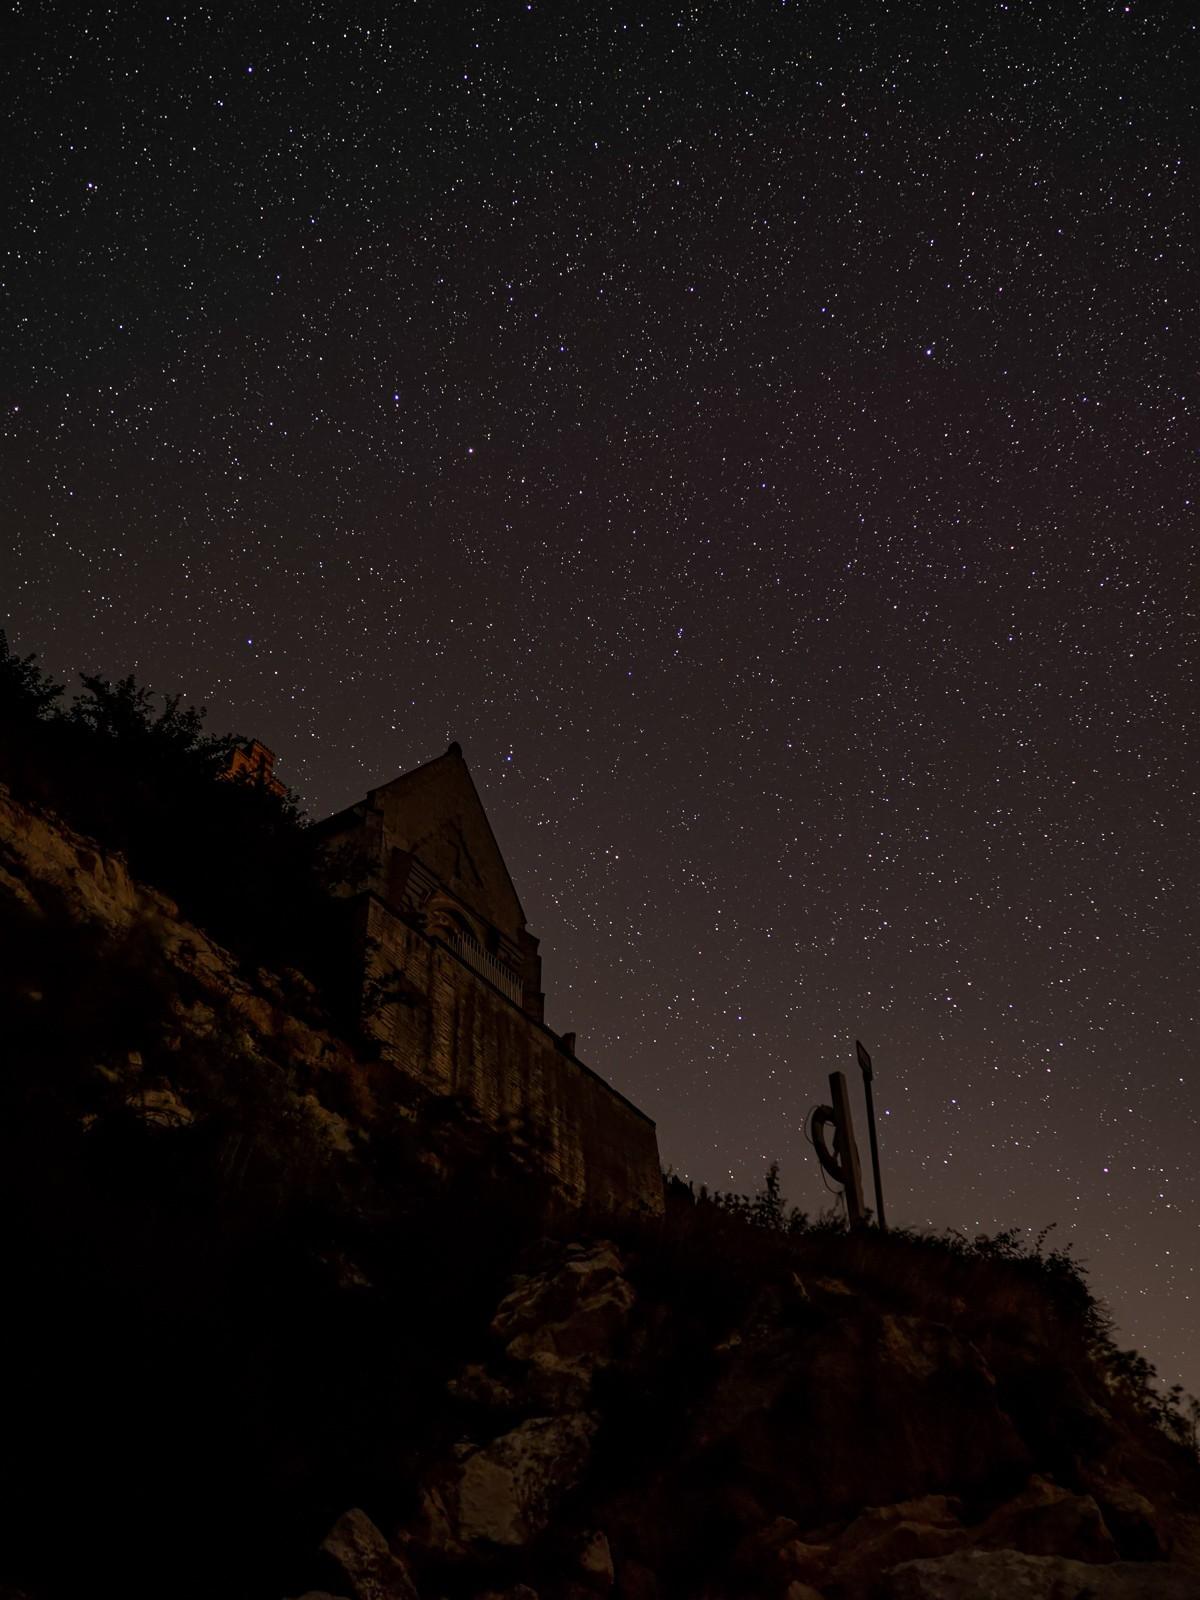 Højerup Kirke med skyfri nattehimmel med mange stjerner som baggrund - ved Stevns Klint